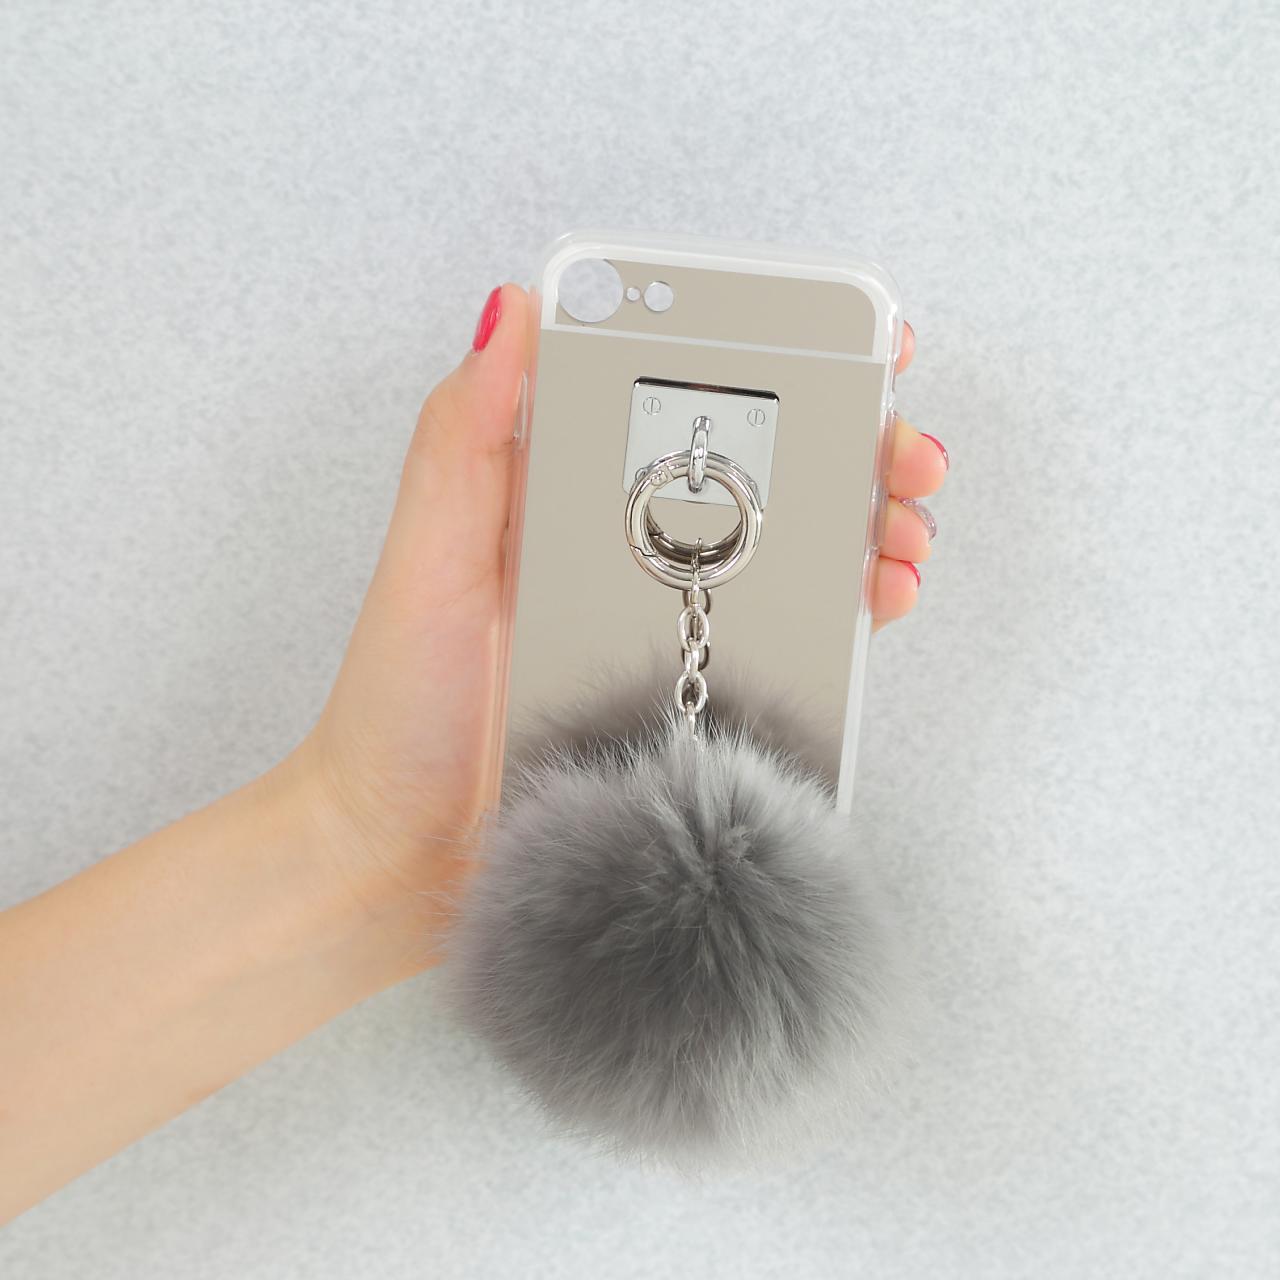 【送料無料】ボンボンファー&ミラー 取り外し可能 iPhoneケース